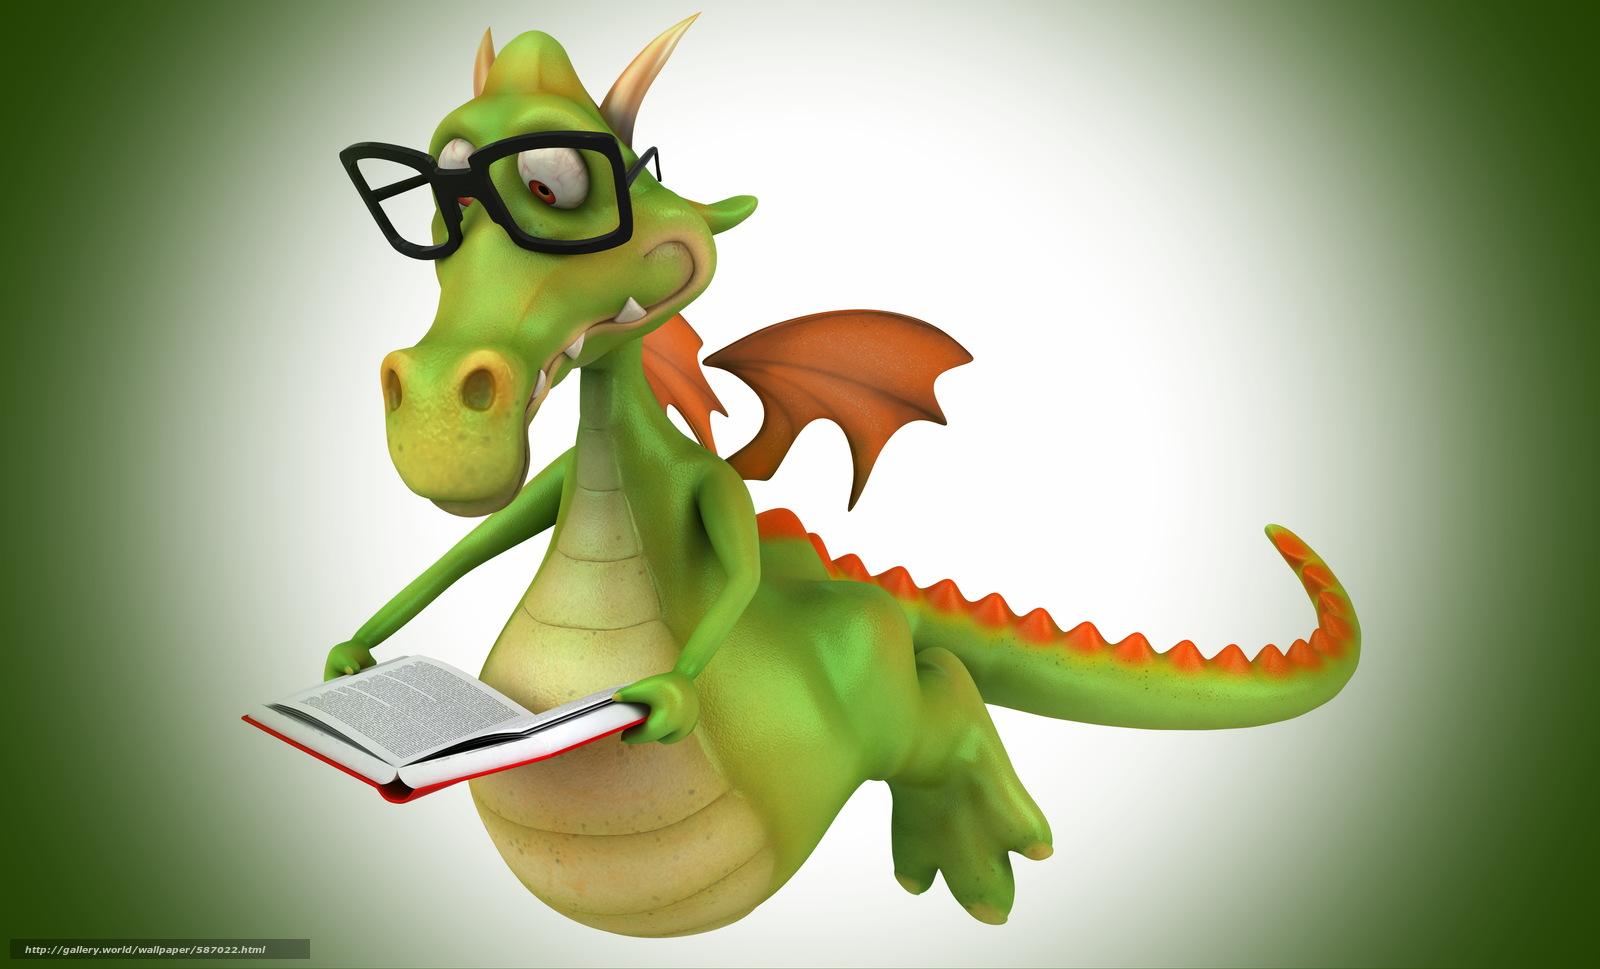 Скачать обои книга,  крылья,  очки,  крокодил бесплатно для рабочего стола в разрешении 6220x3766 — картинка №587022